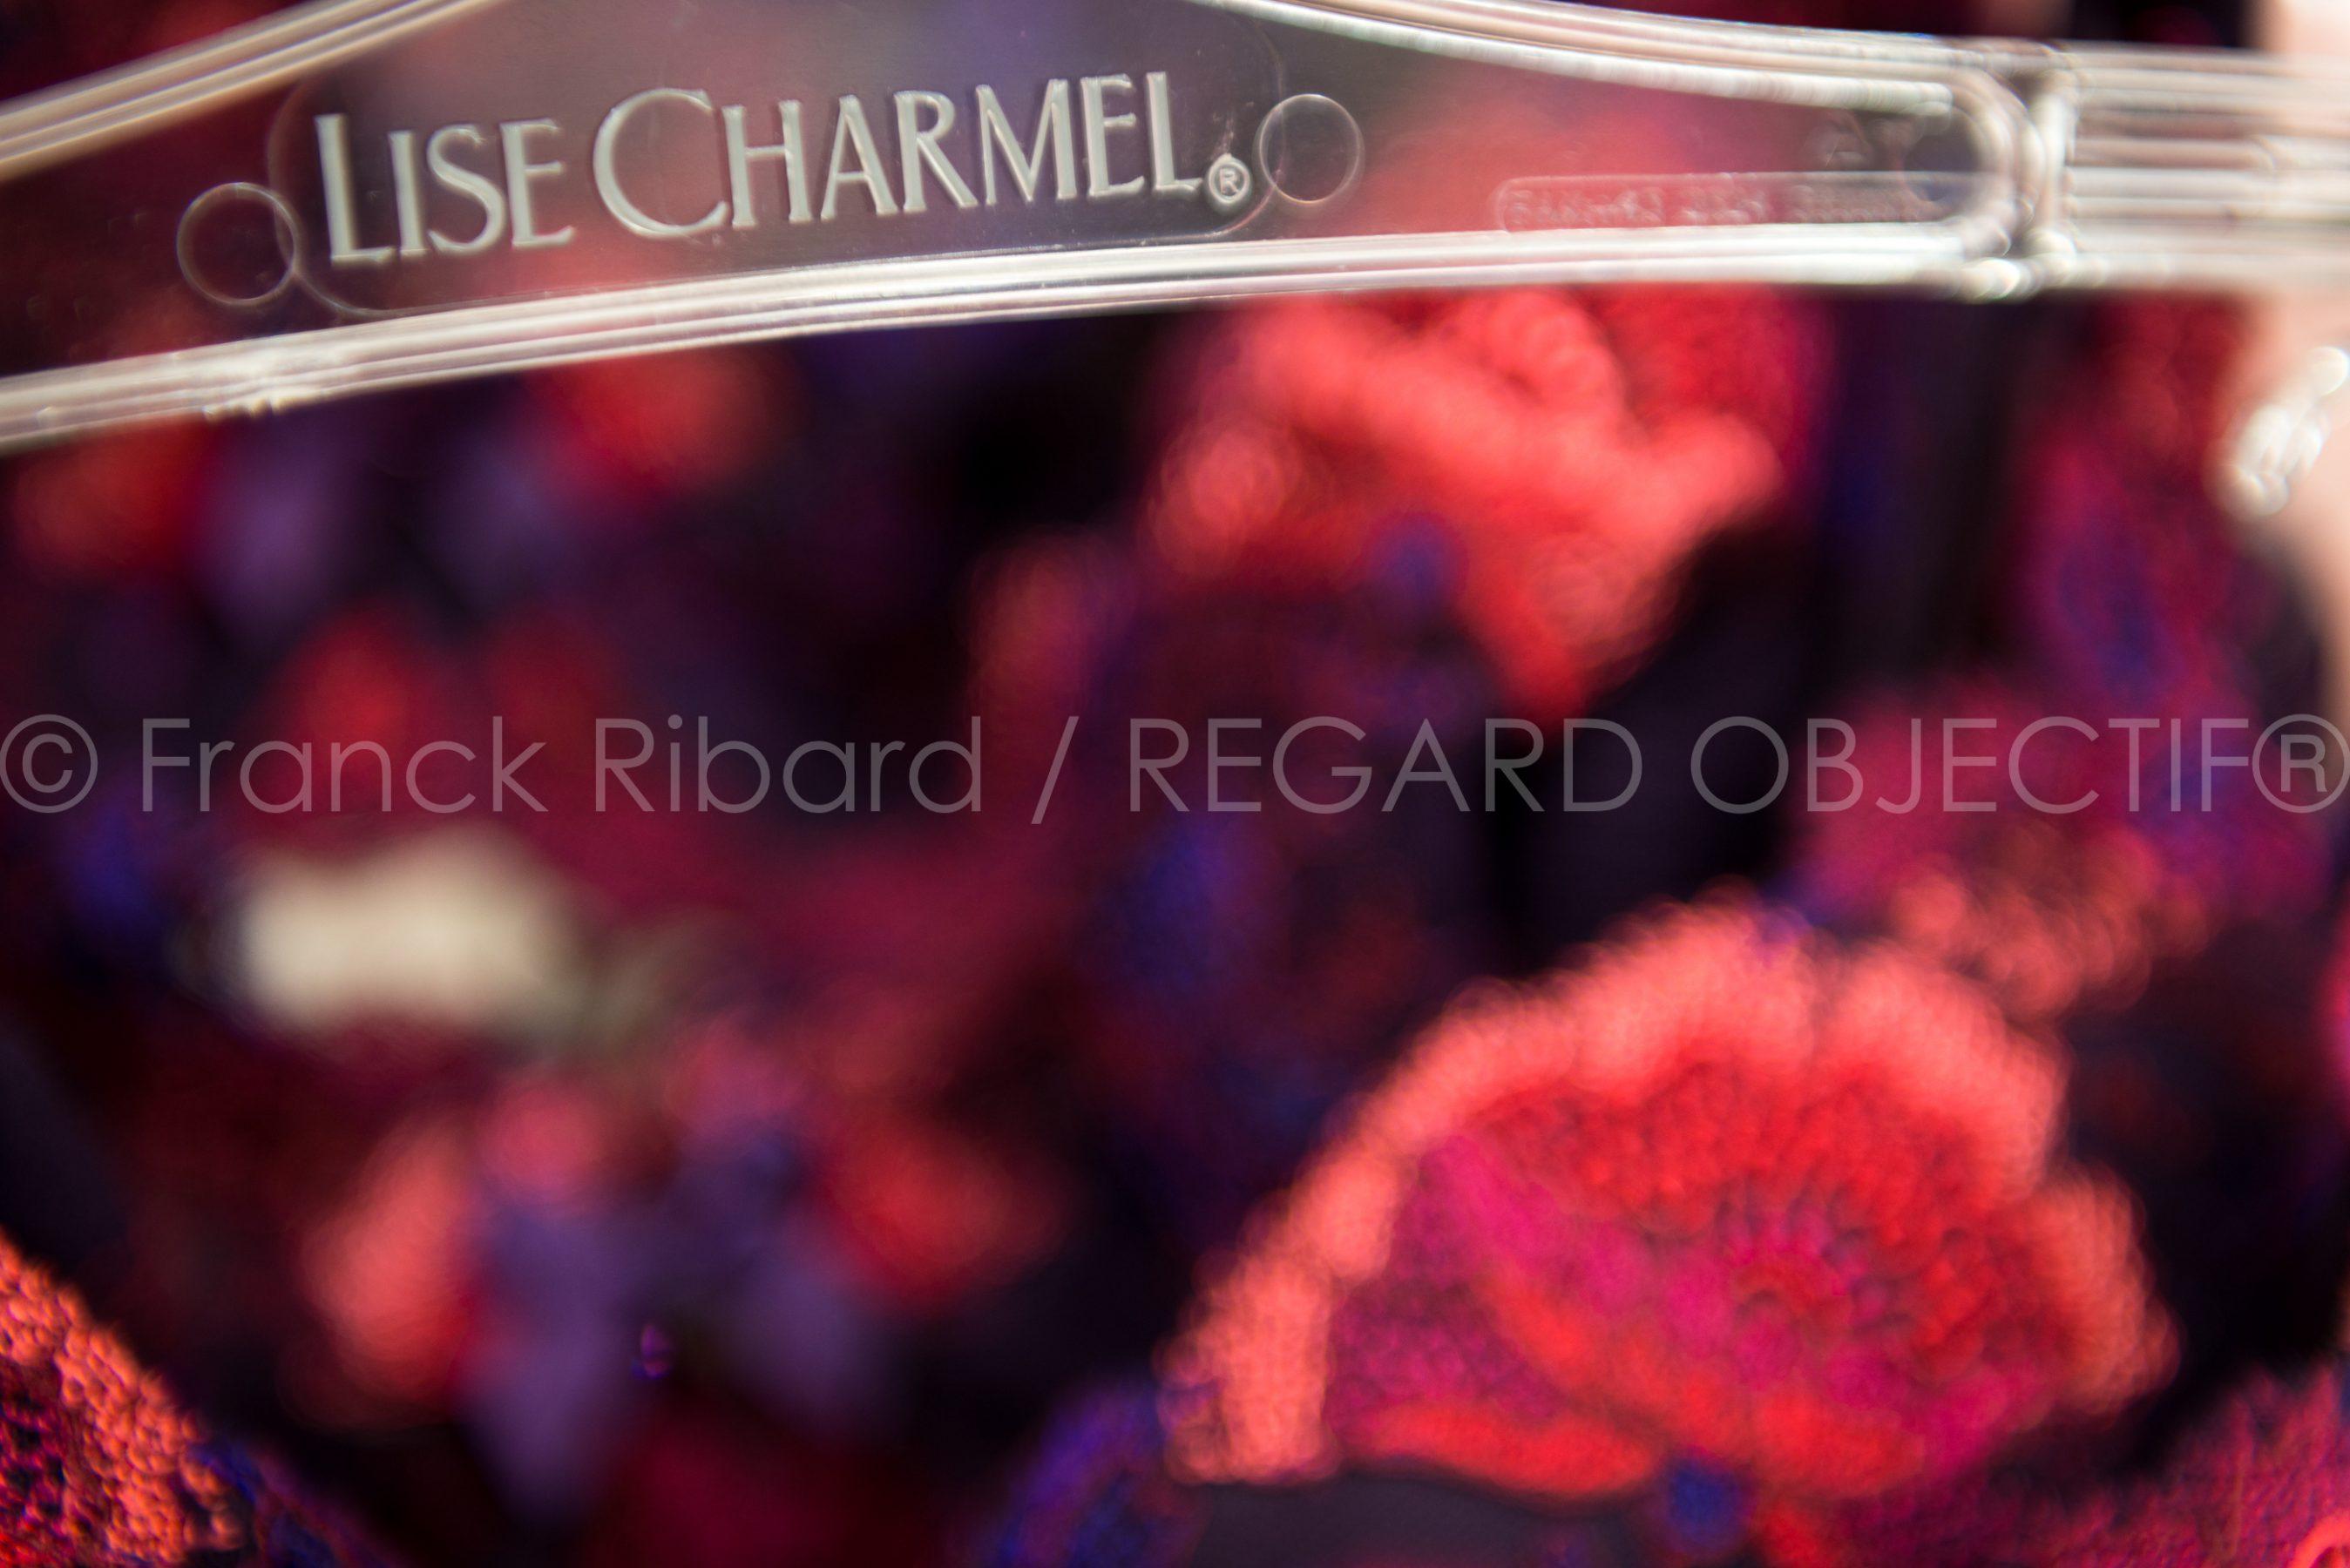 Photographie de Franck Ribard / REGARD OBJECTIF photographe professionnel en communication et illustration à lyon et à l'international